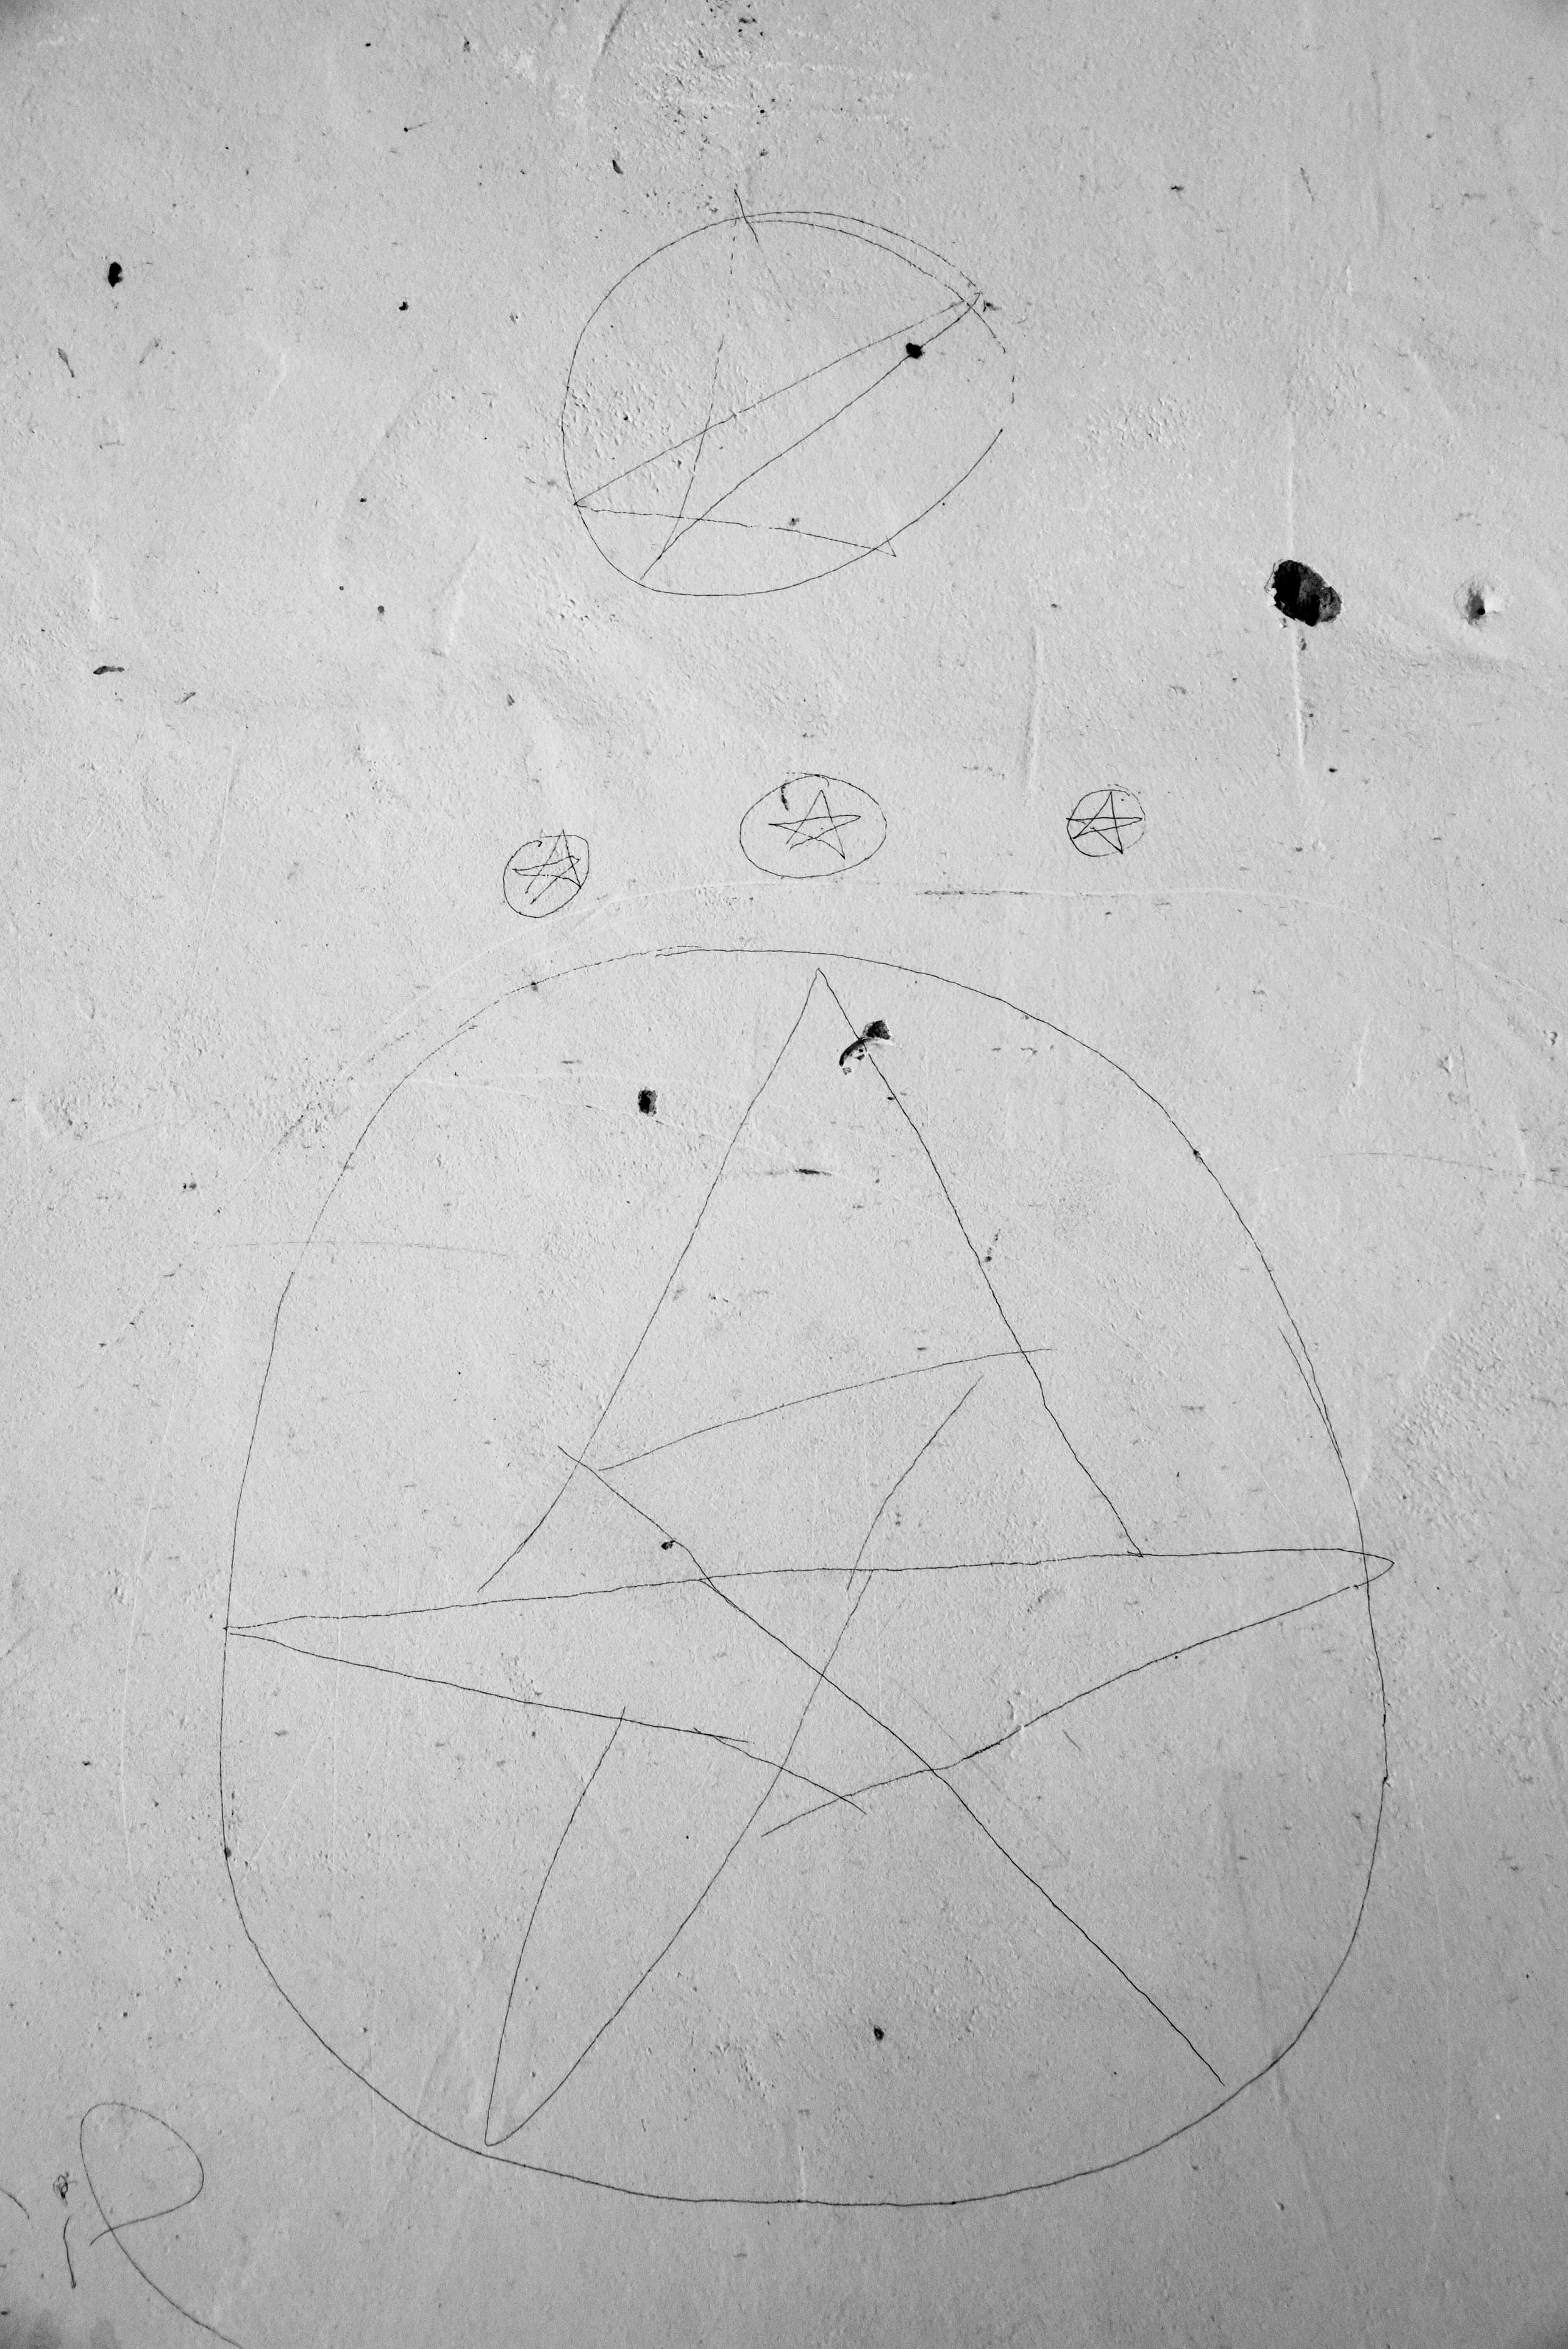 Pentagrams. Roan Mountain, TN. 2016.